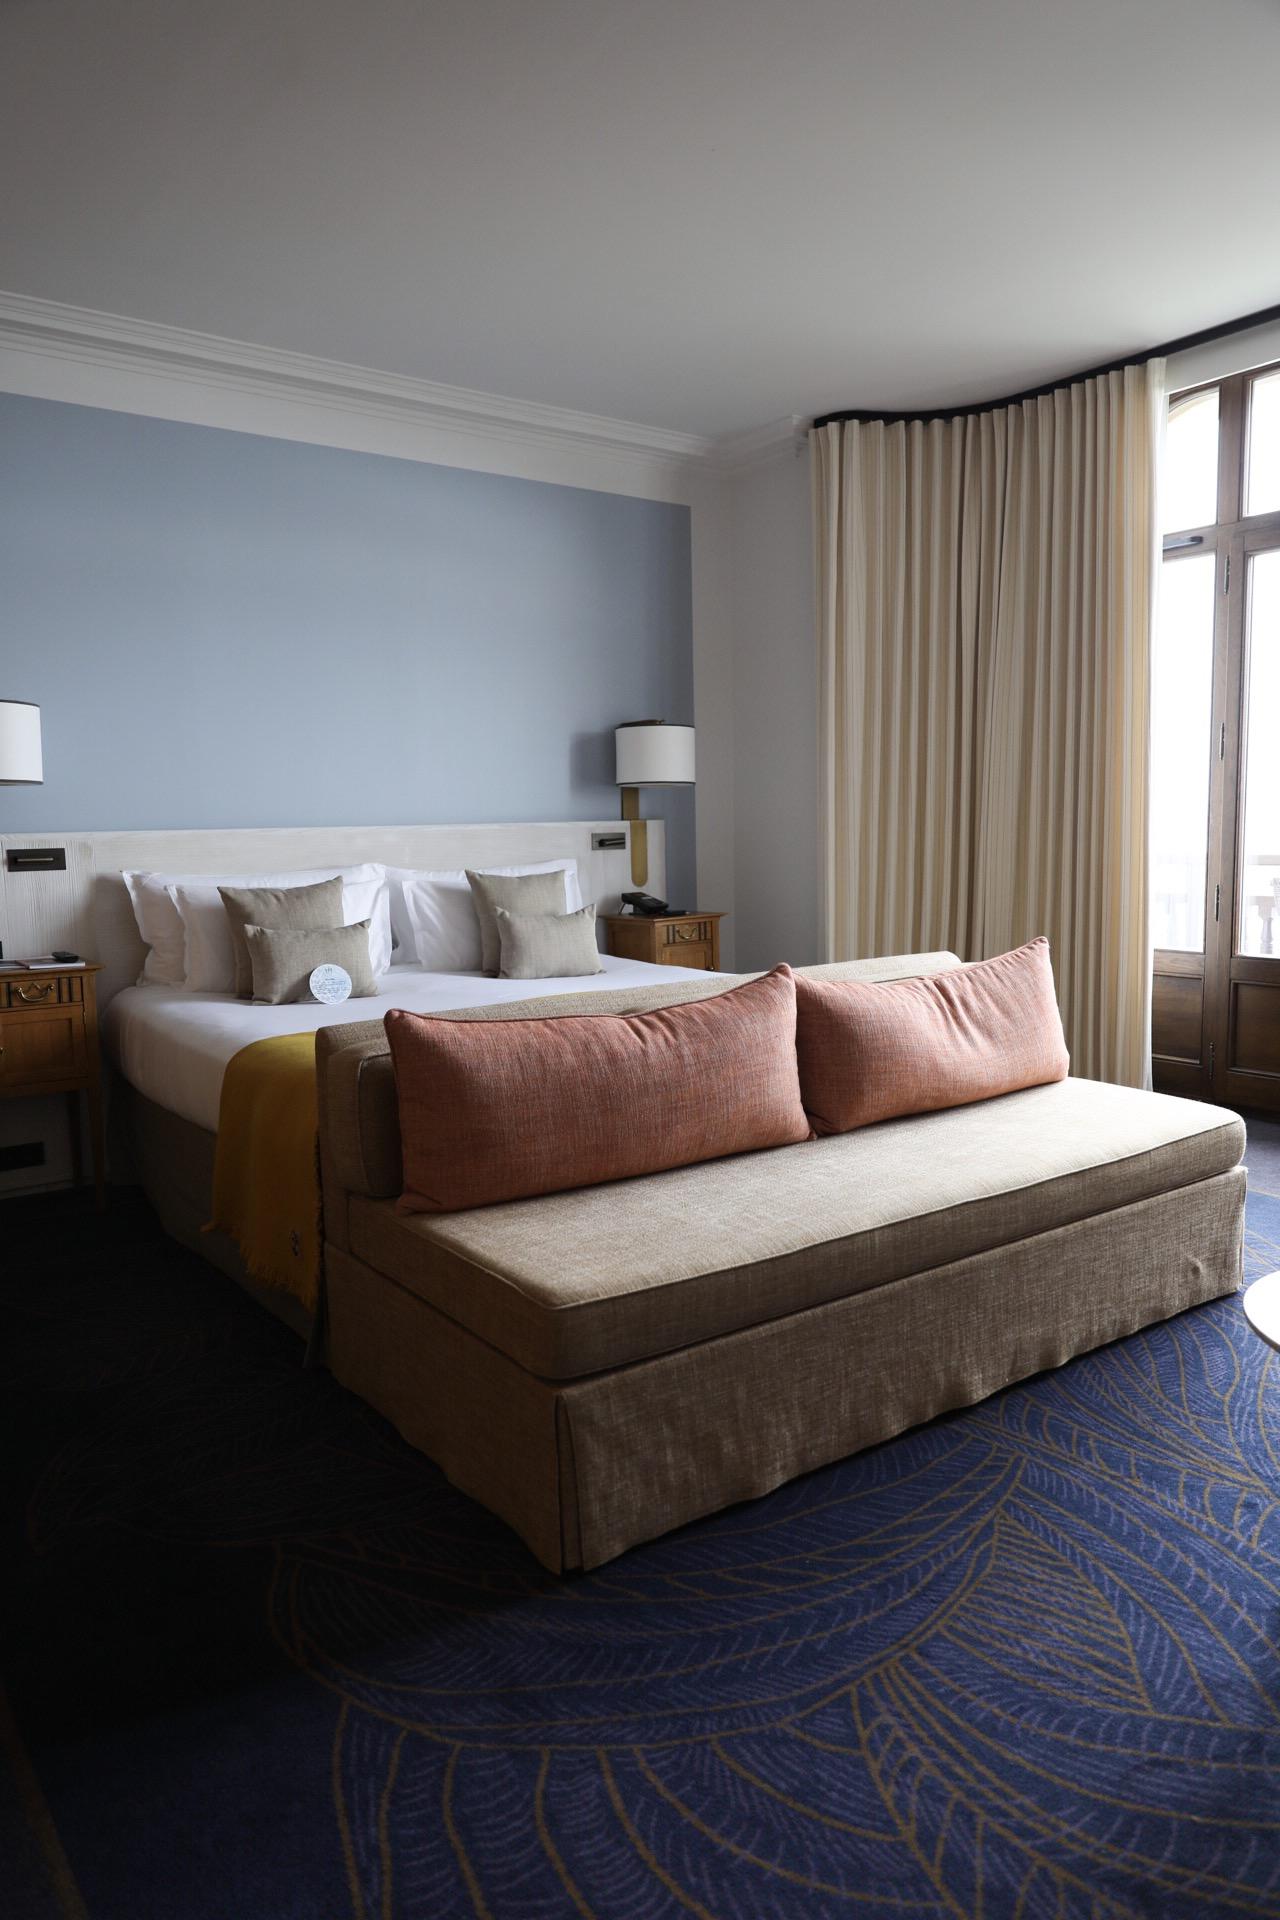 chambre d'hotel au royal evian